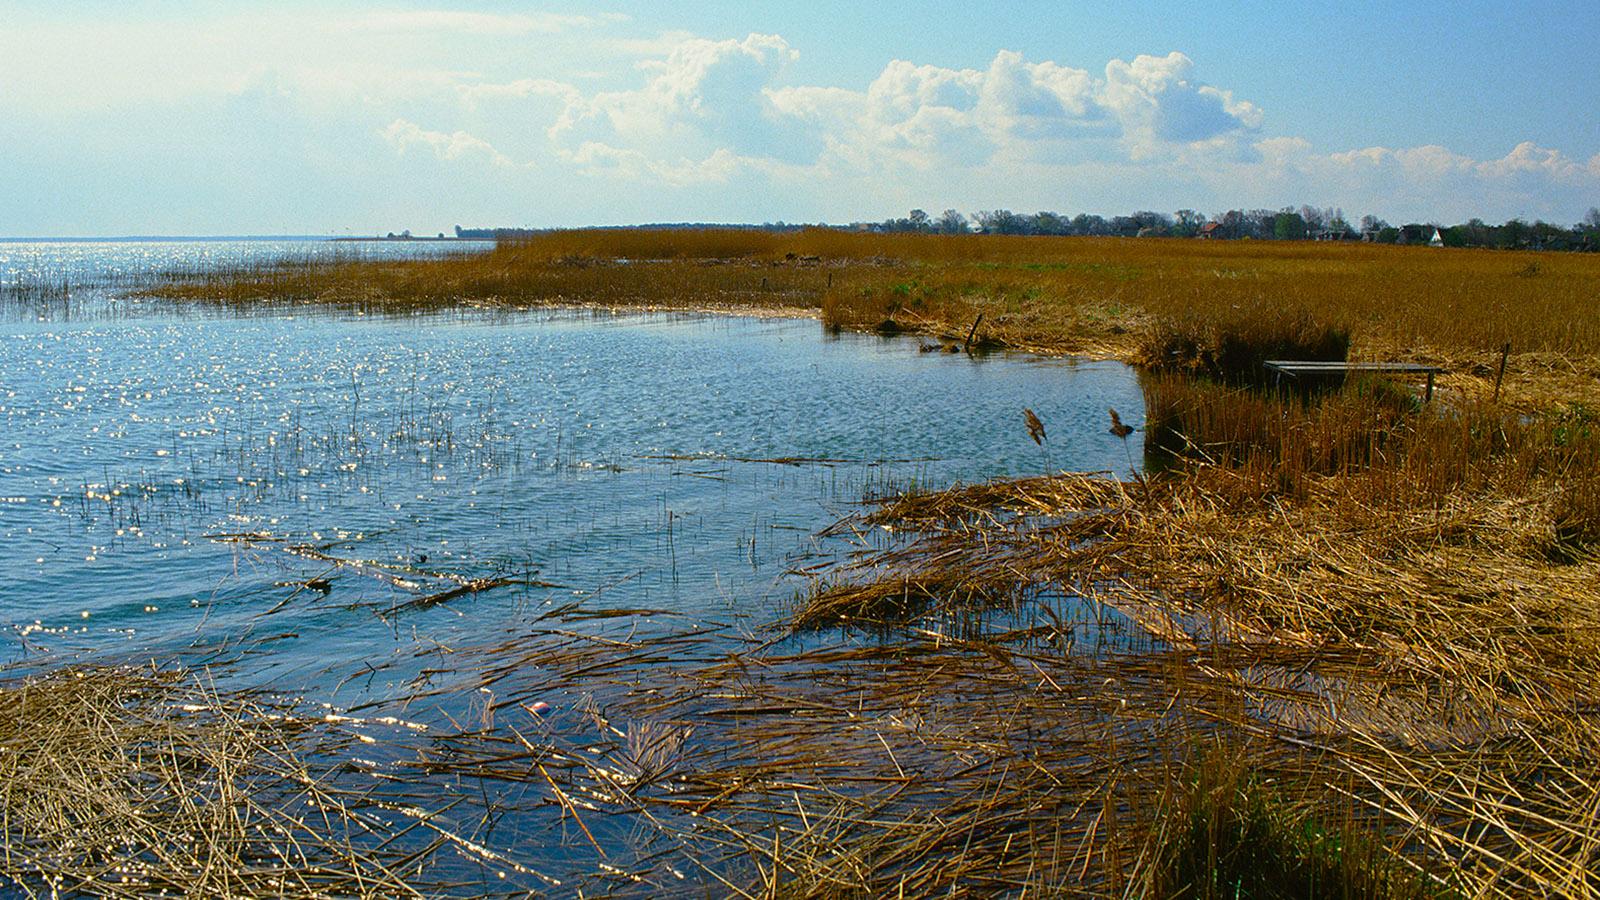 Nationalparks in M/V: Ahrenshoop, am Bodden. Foto: Hilke Maunder